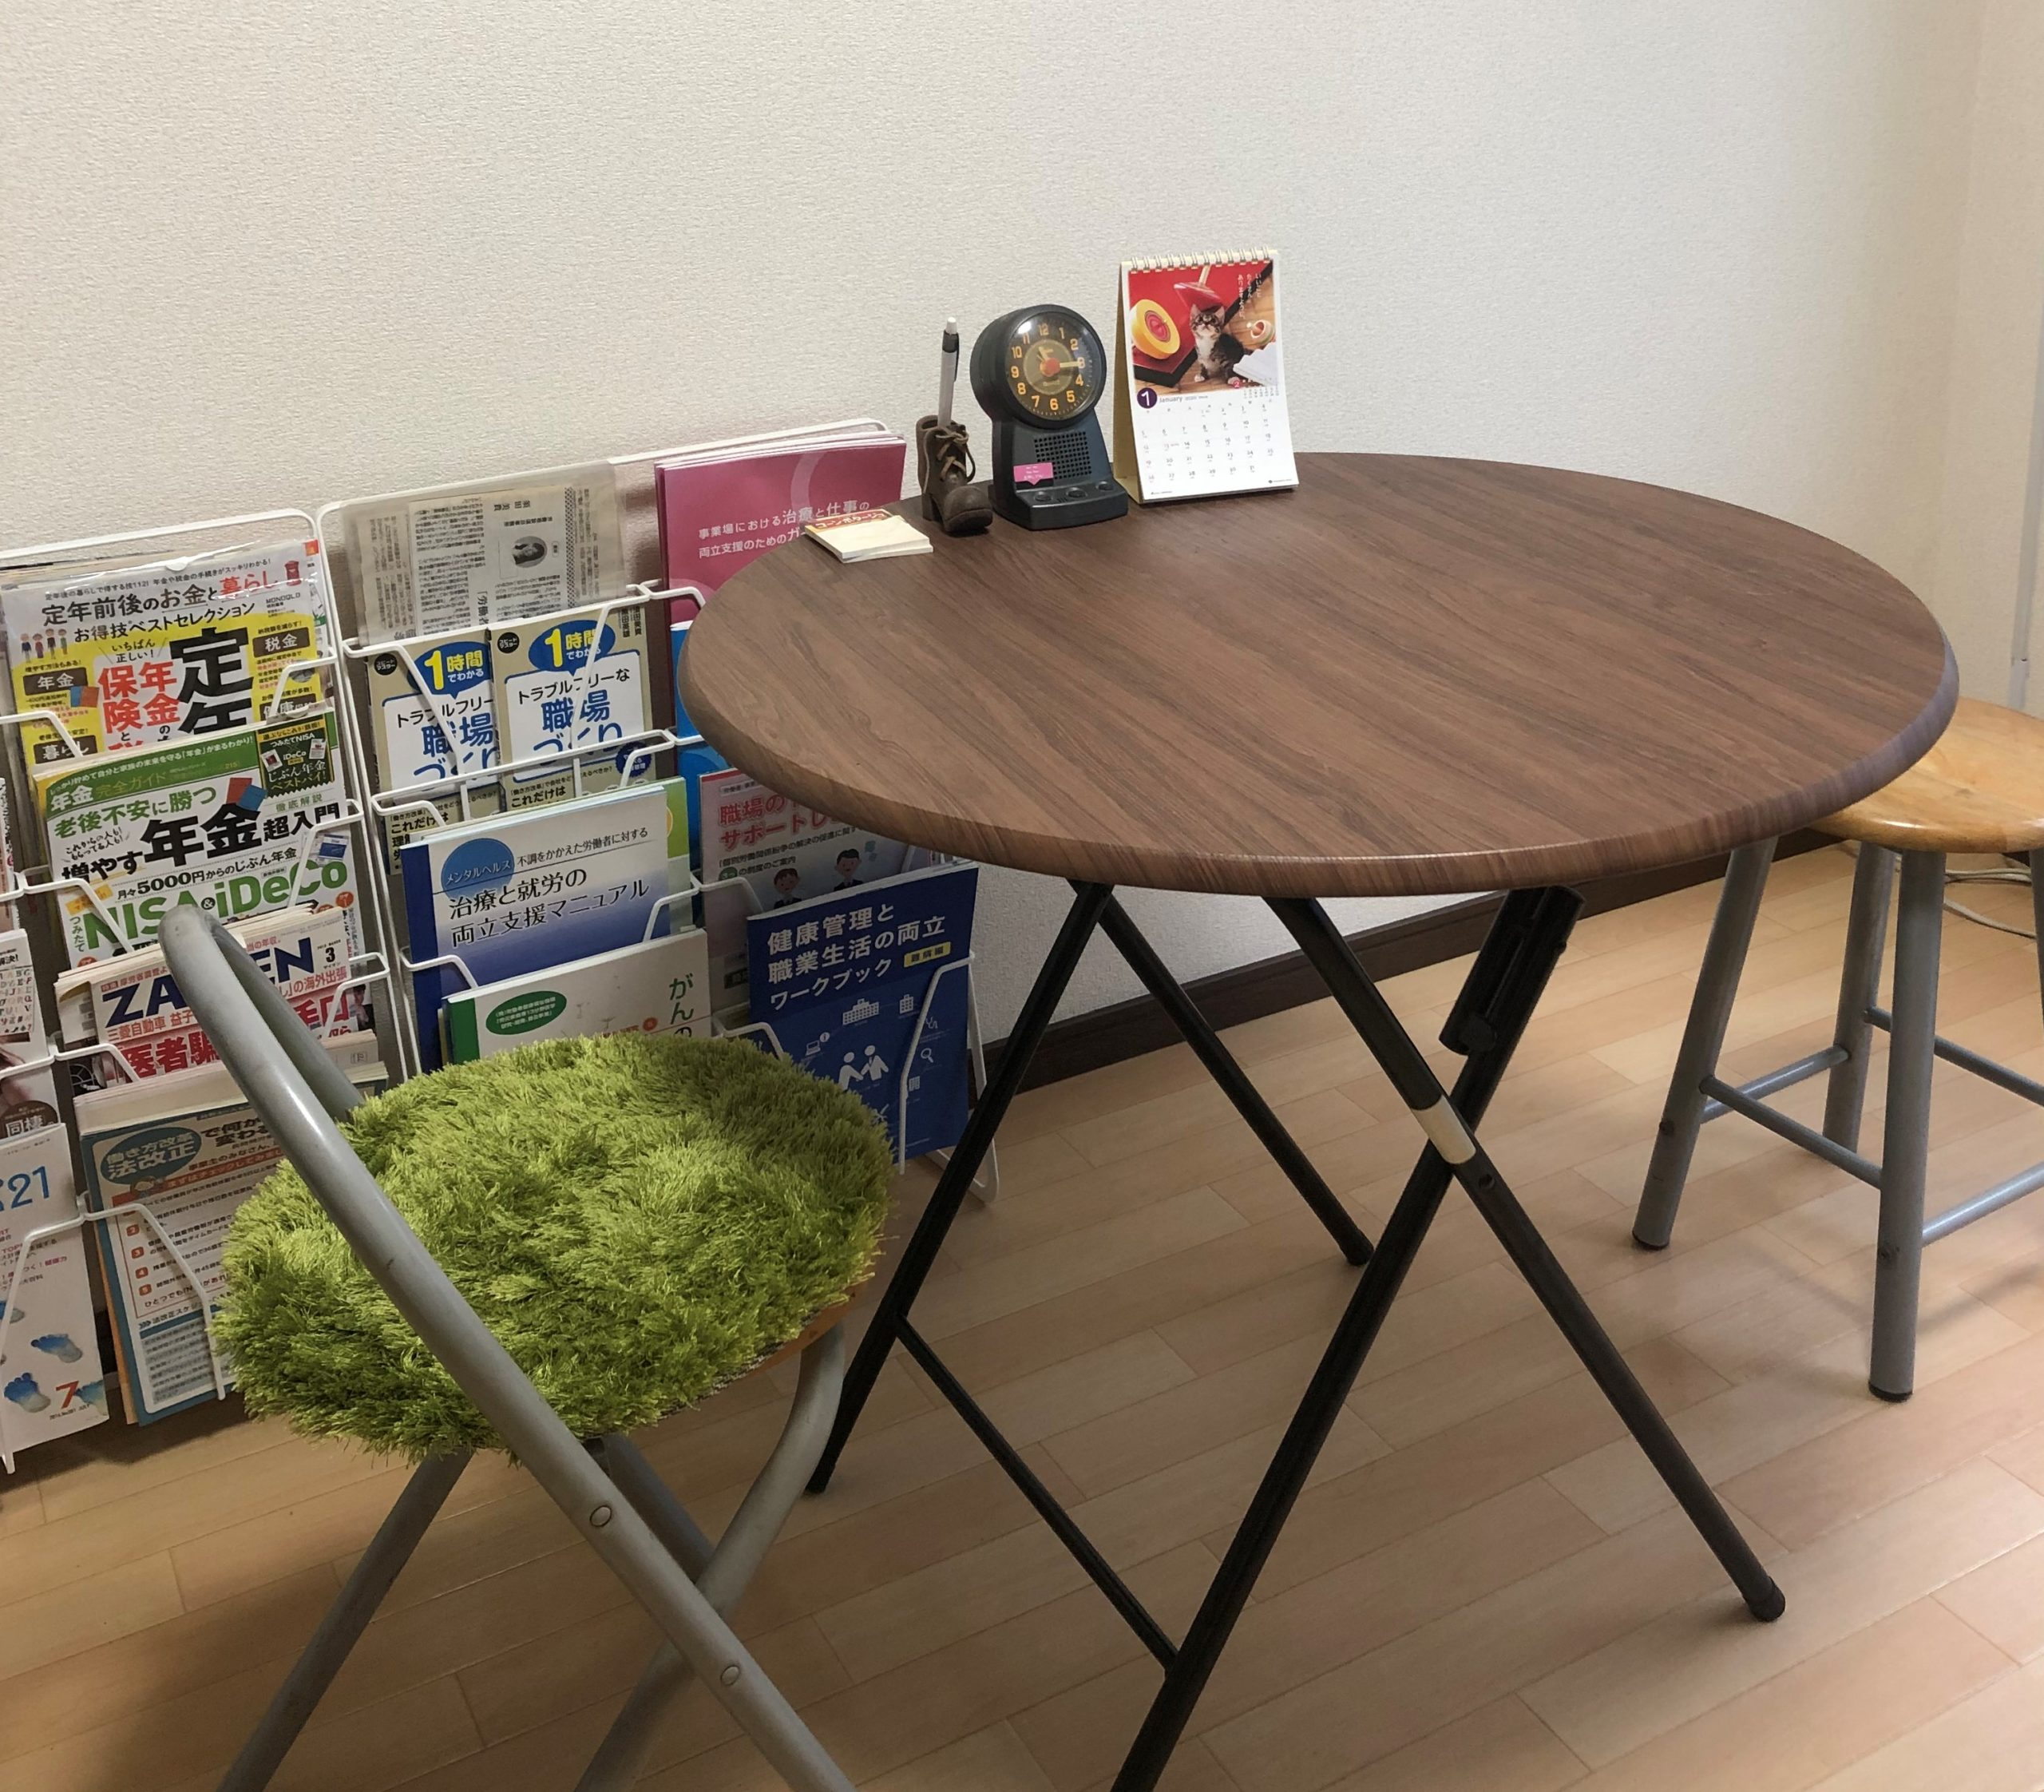 労働相談から人生相談までのってくれる須田さんのオフィス